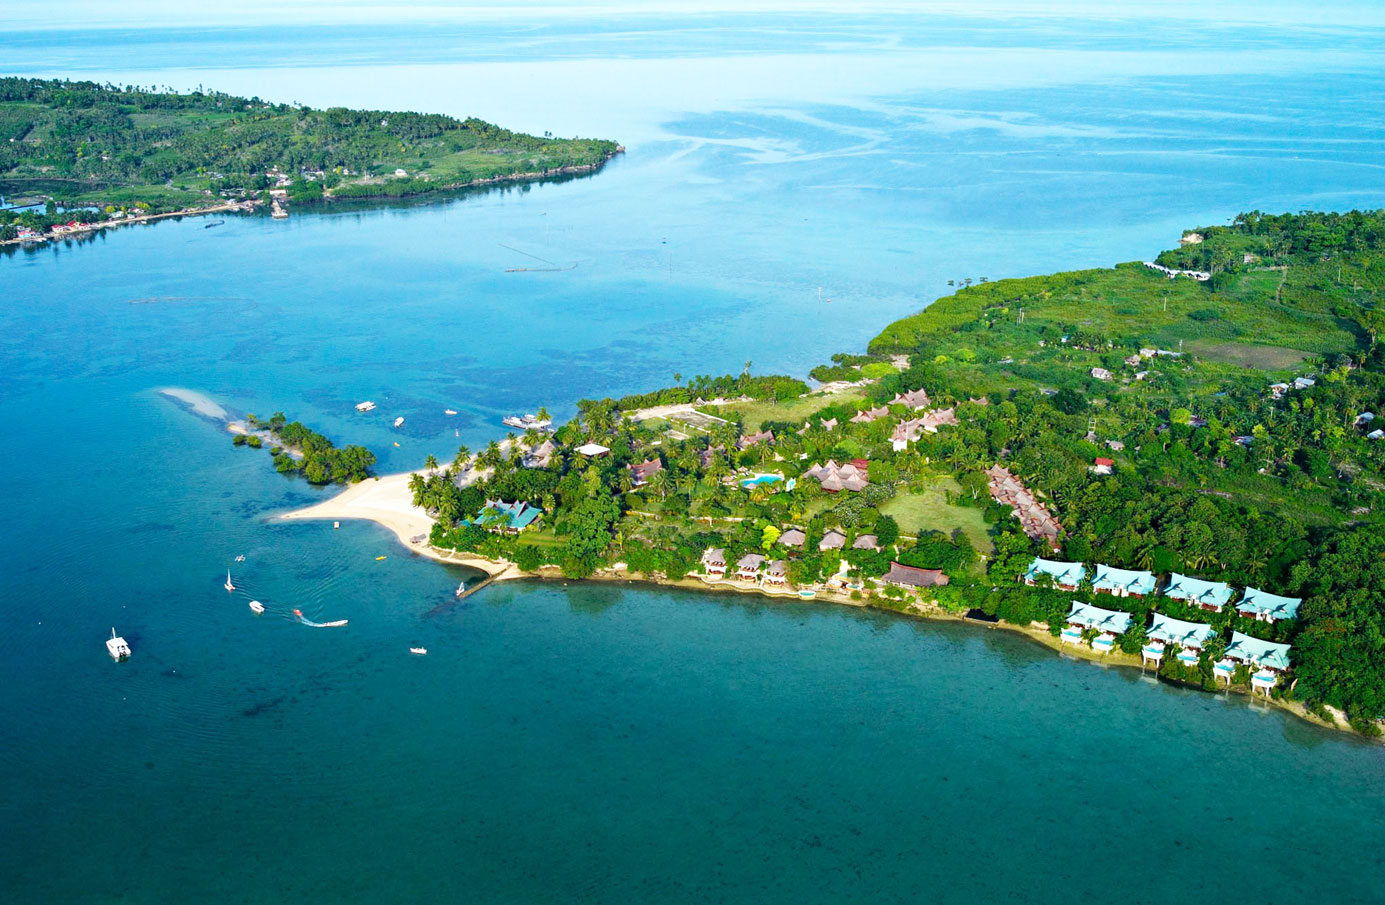 セブ島結婚式 セブウエディング セブバディアン島 セブハネムーン セブ1島1リゾート